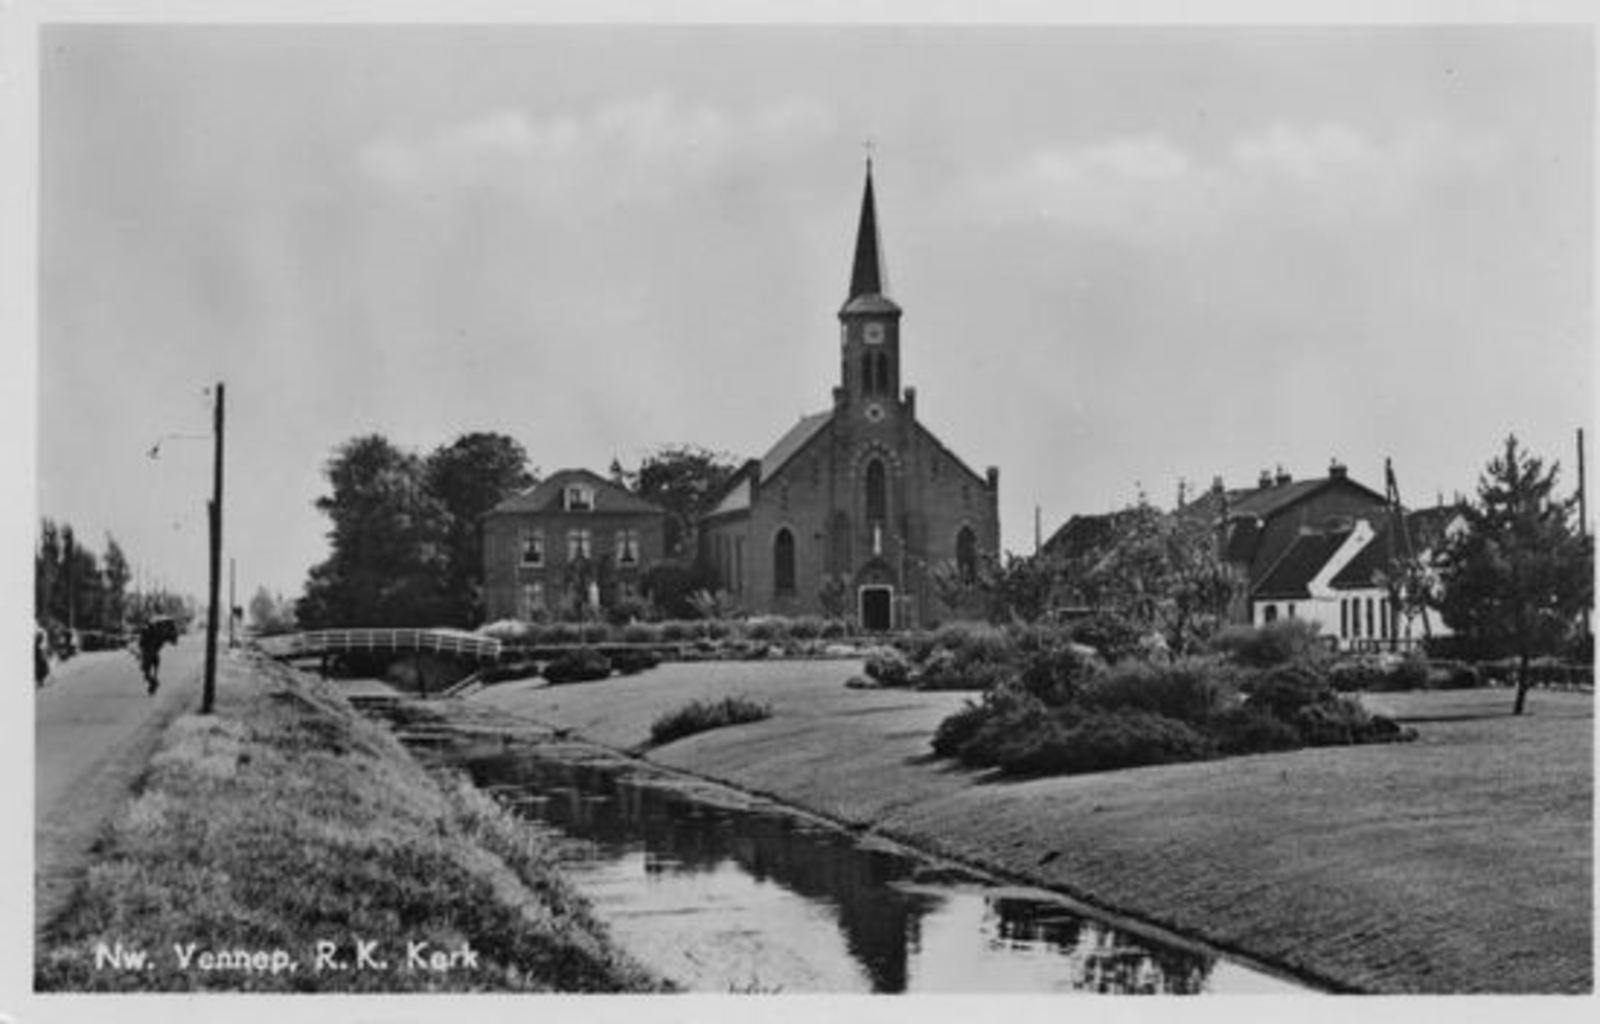 Anthoniusstraat 0016 1951 RK Kerk Oud 01_2